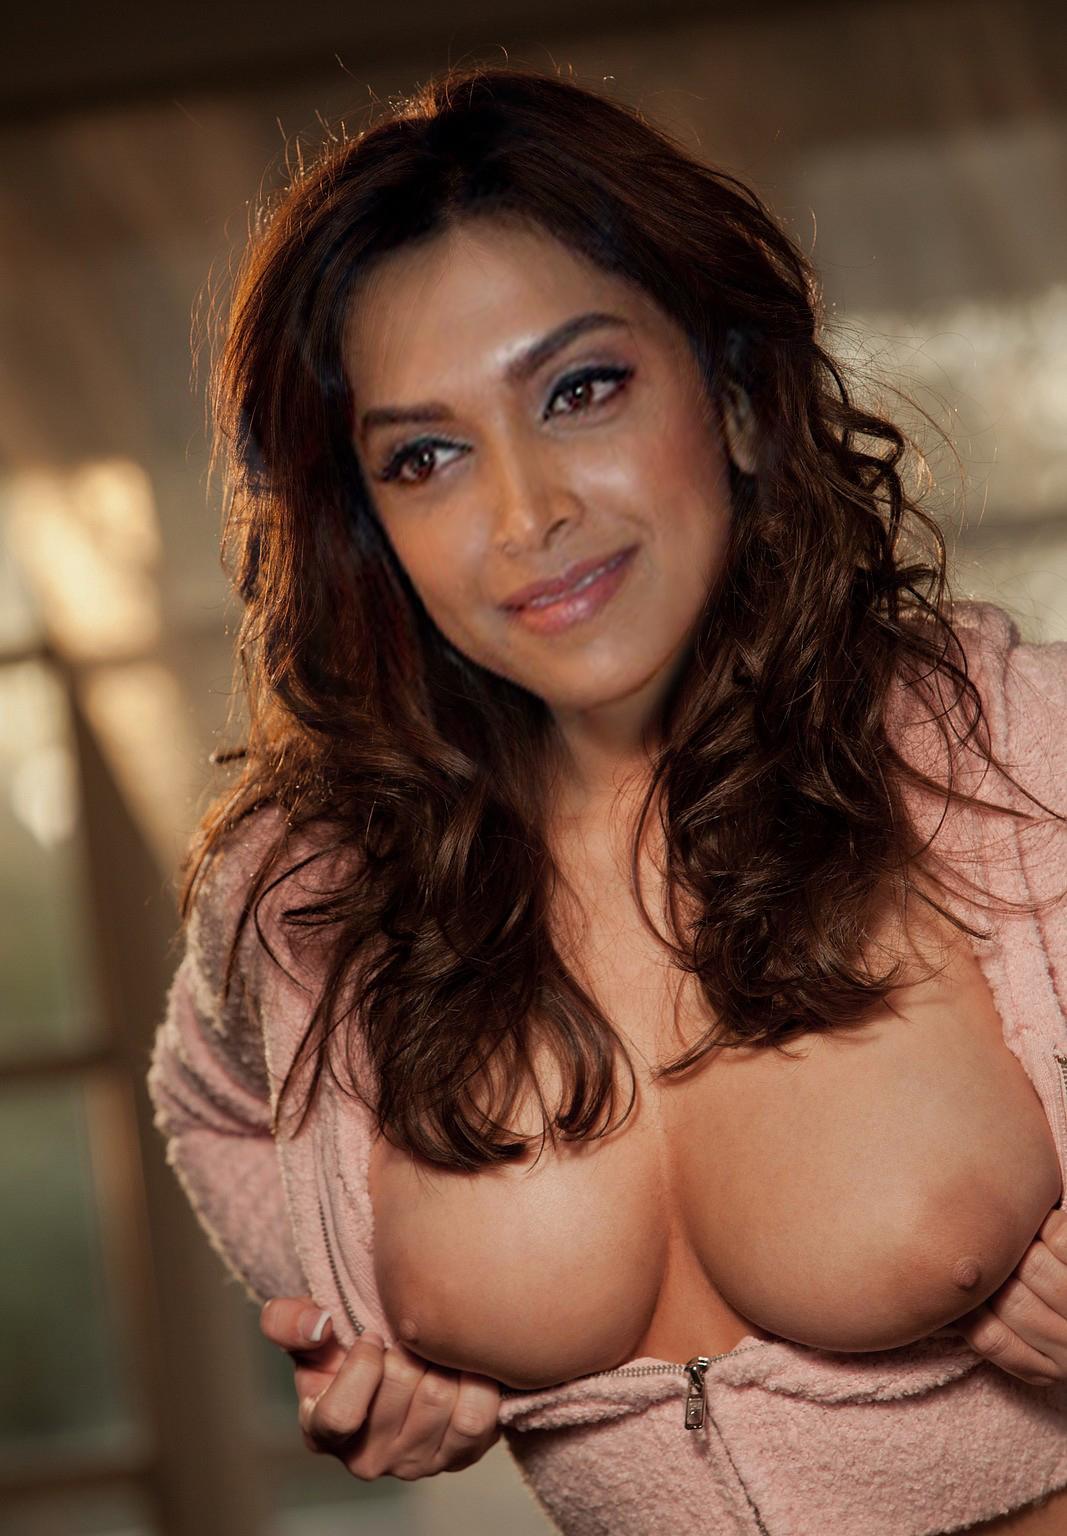 nude indian women doctors images